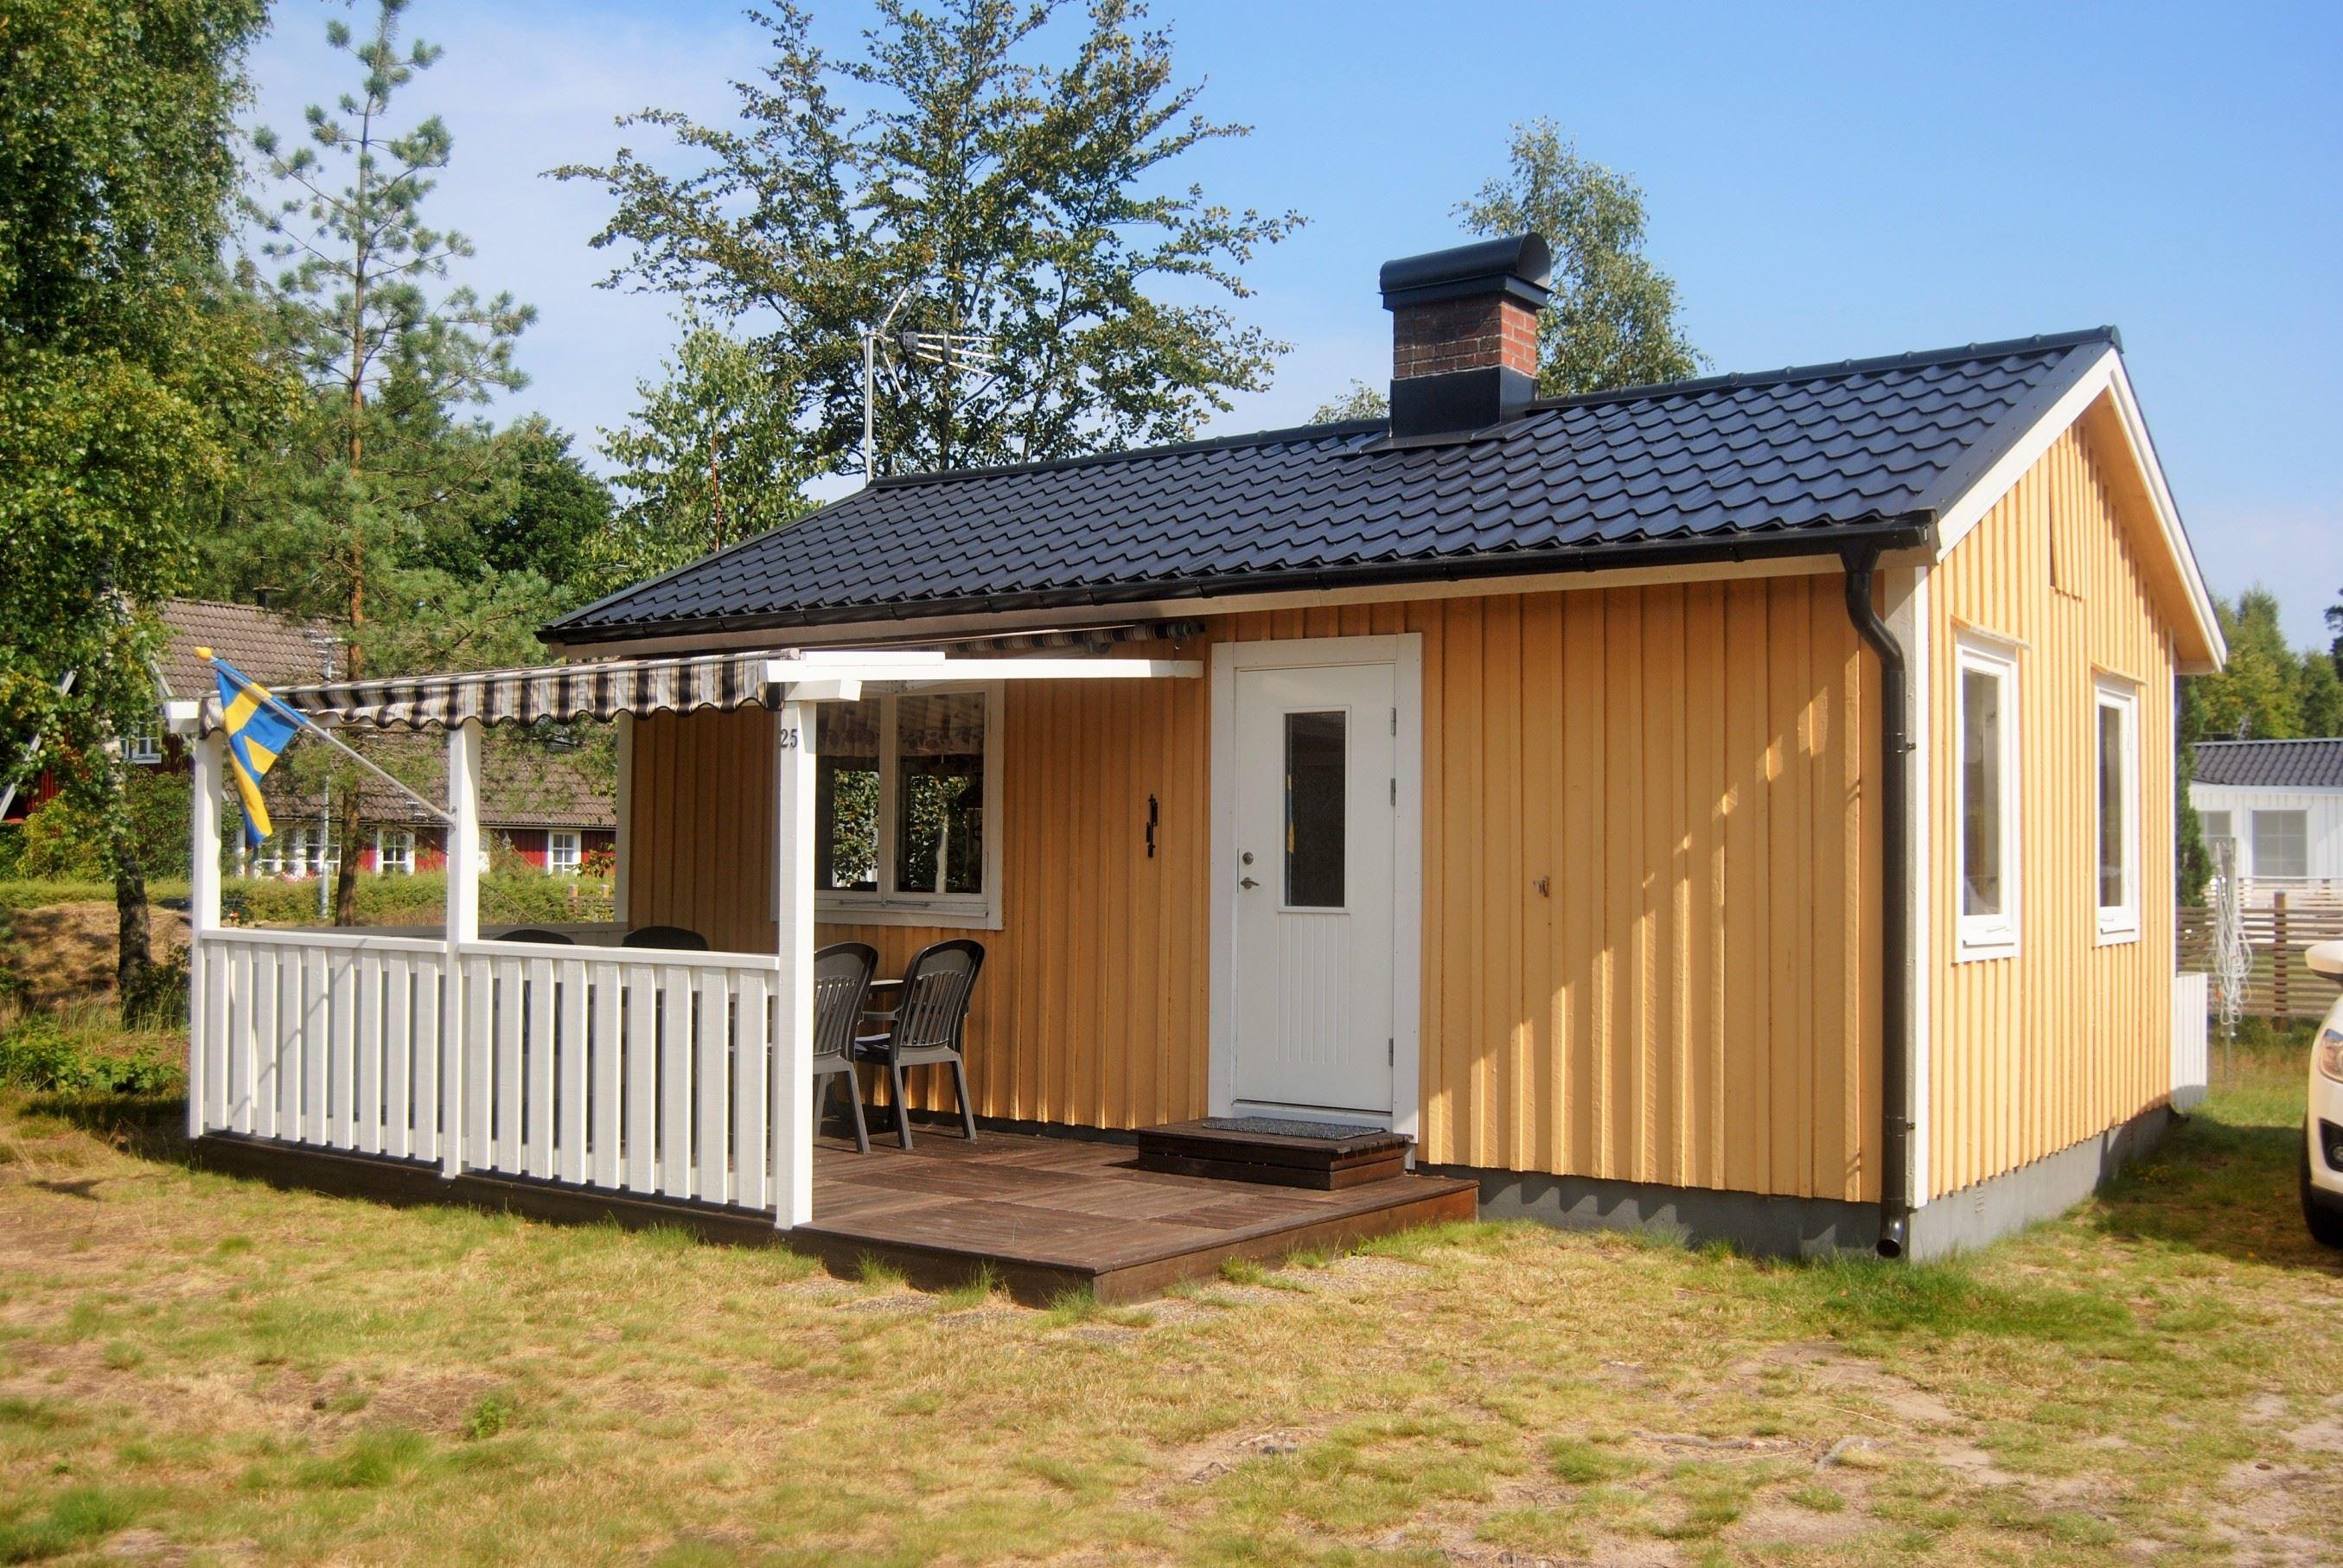 EN8104 Hemmeslöv, Båstad